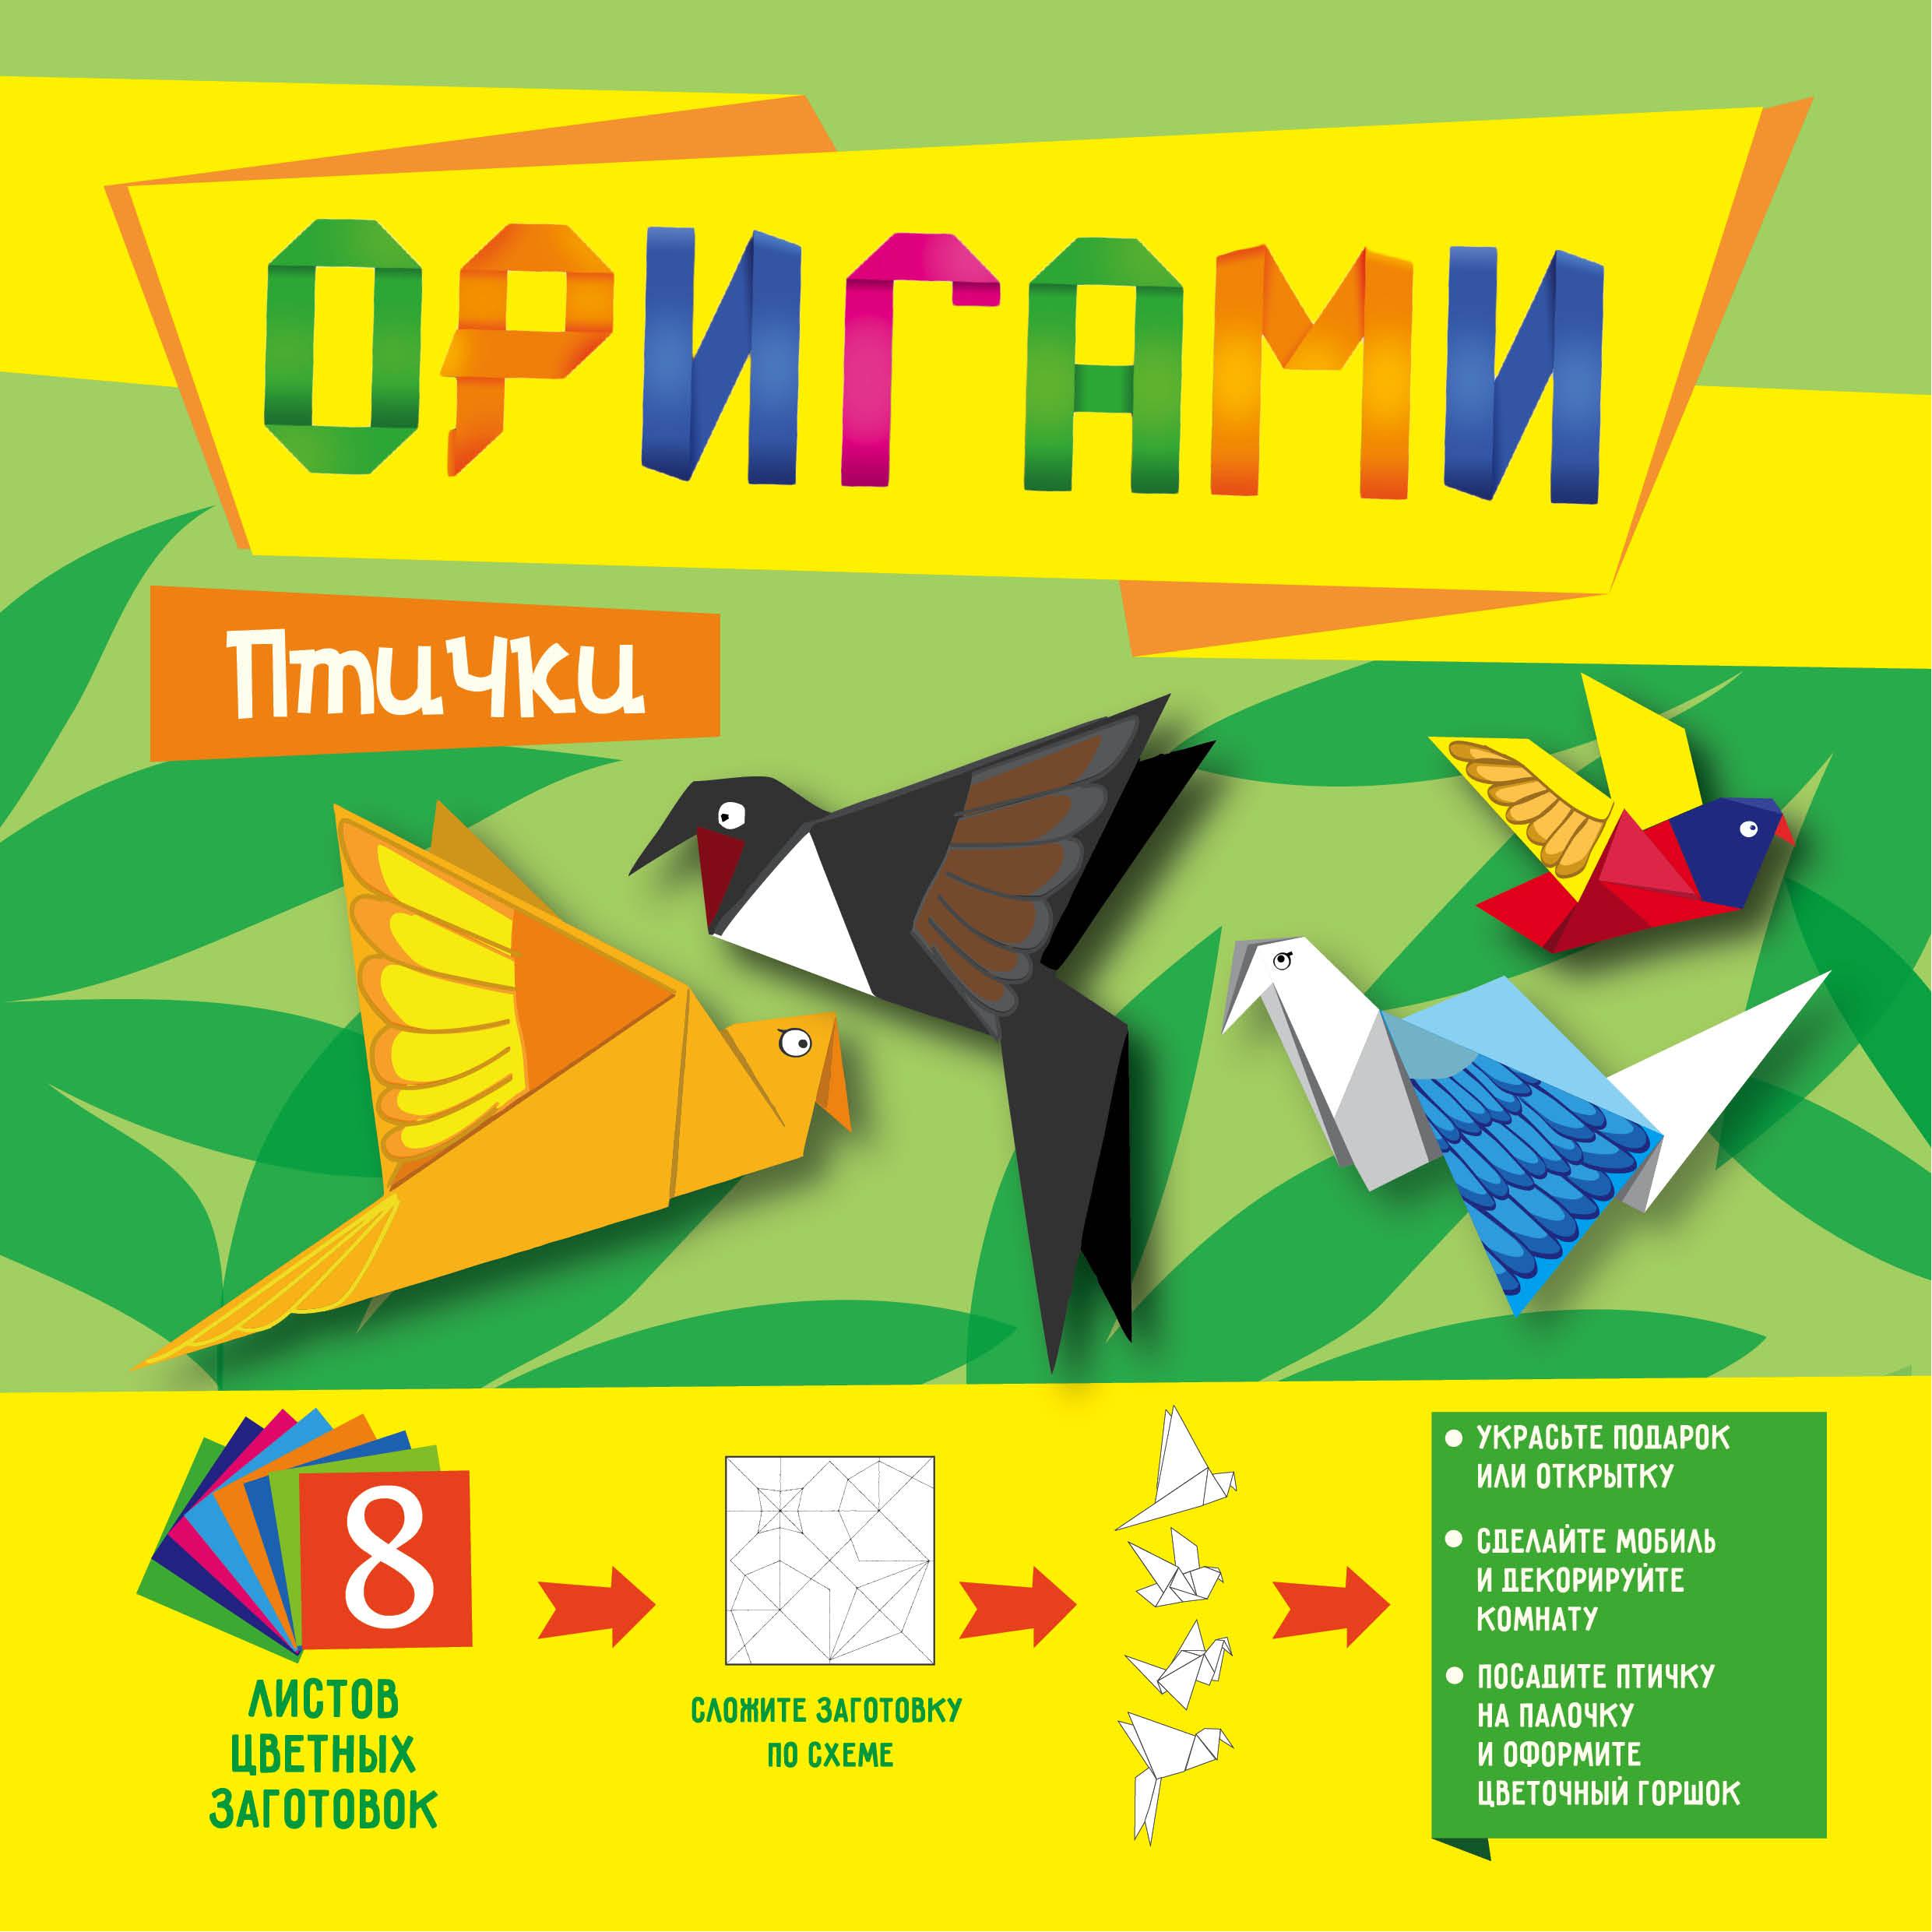 Оригами. Птички reinz 81 90021 00 reinz уплотняющее кольцо коленчатый вал